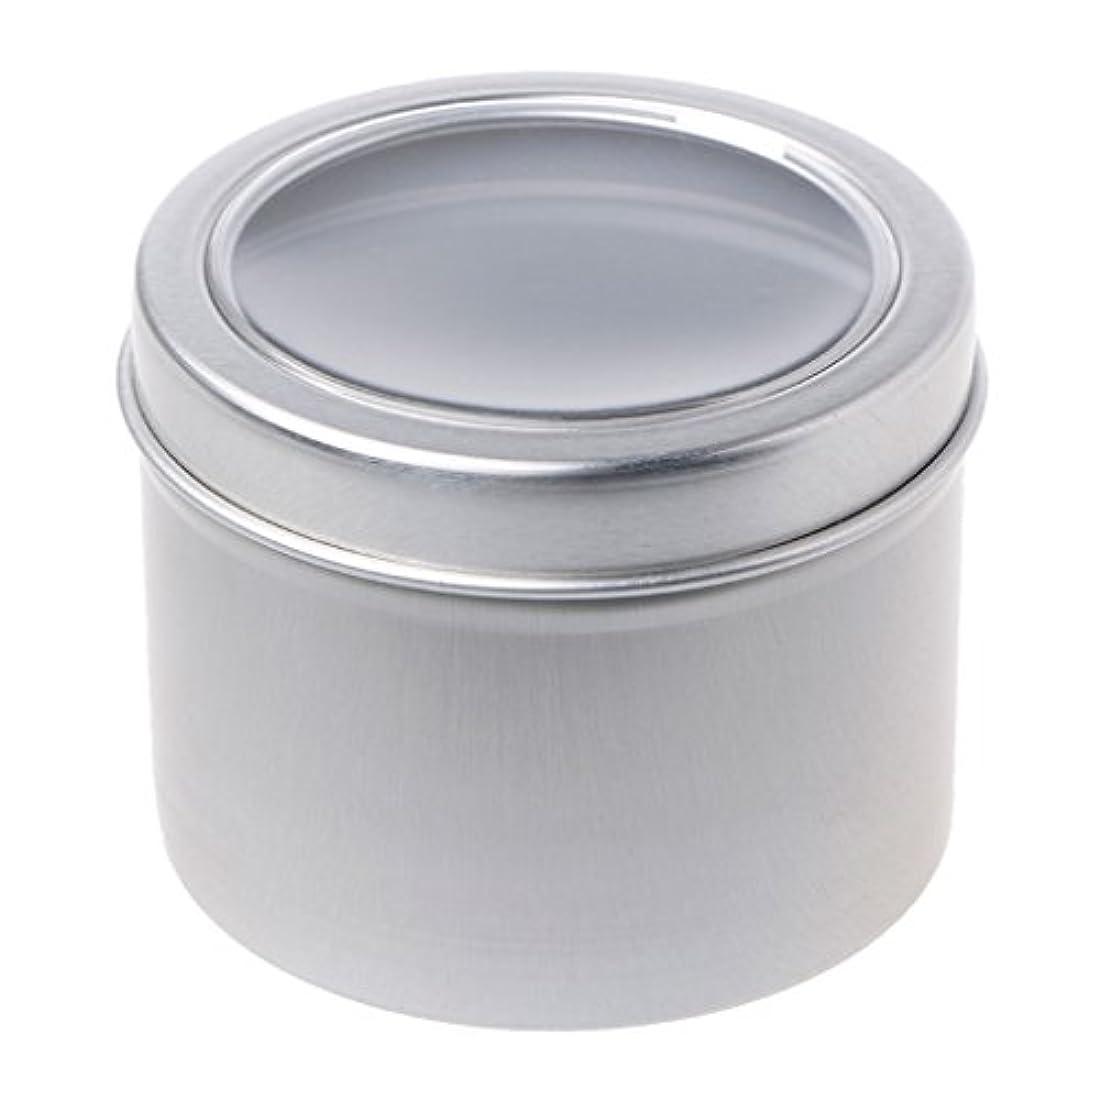 鬼ごっこ過言不忠SimpleLife 60mlラウンドスティンケースコンテナ、蓋が空のクリアウィンドウスイング、蓋付き、スモールガジェット、DIYリップバーム - スパイスケース、アルミ容器ボックス/ミニポケットサイズの缶